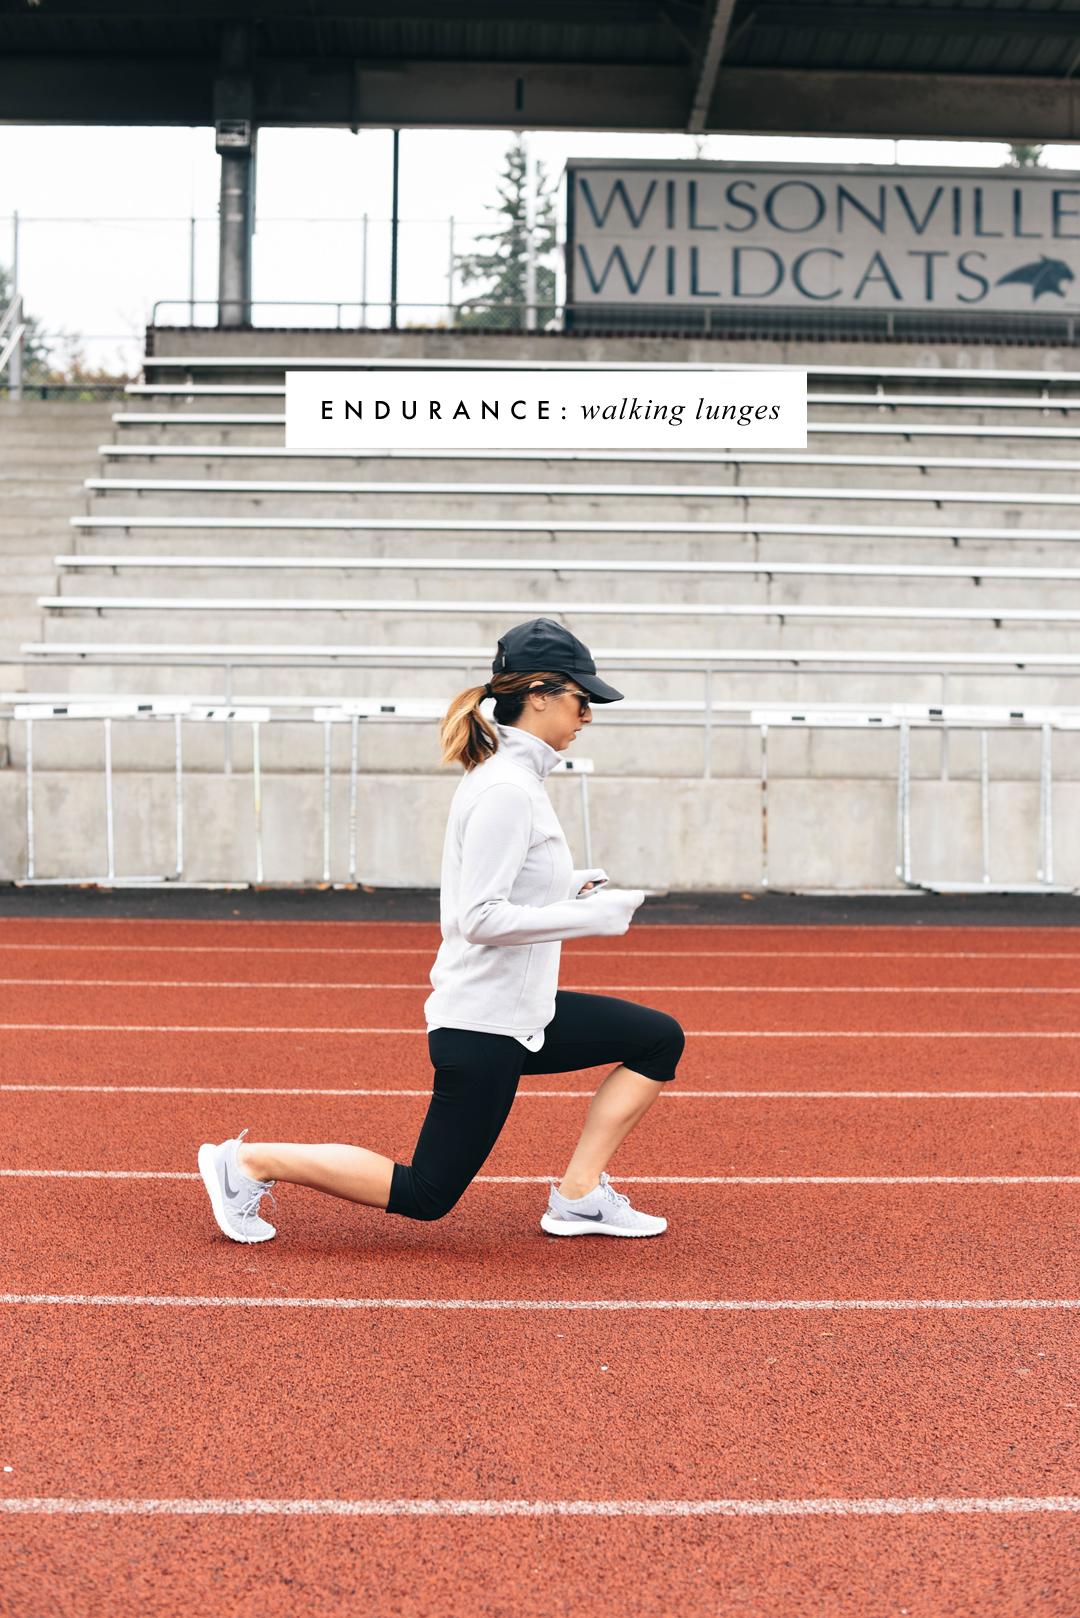 endurance-walking-lunges